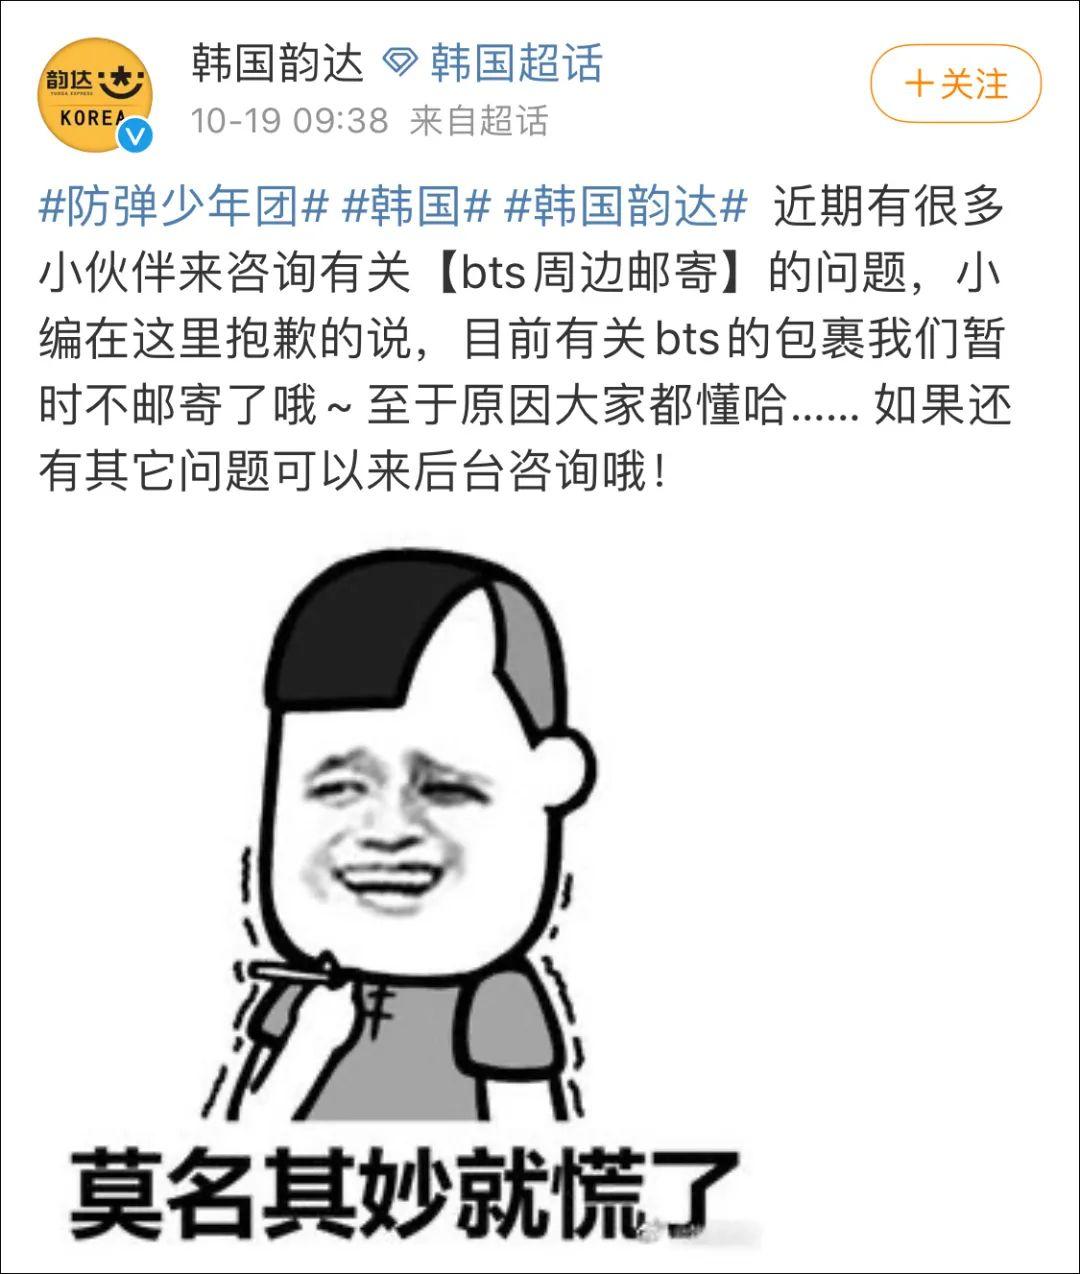 韩国韵达:暂时不邮寄防弹少年团相关包裹图片